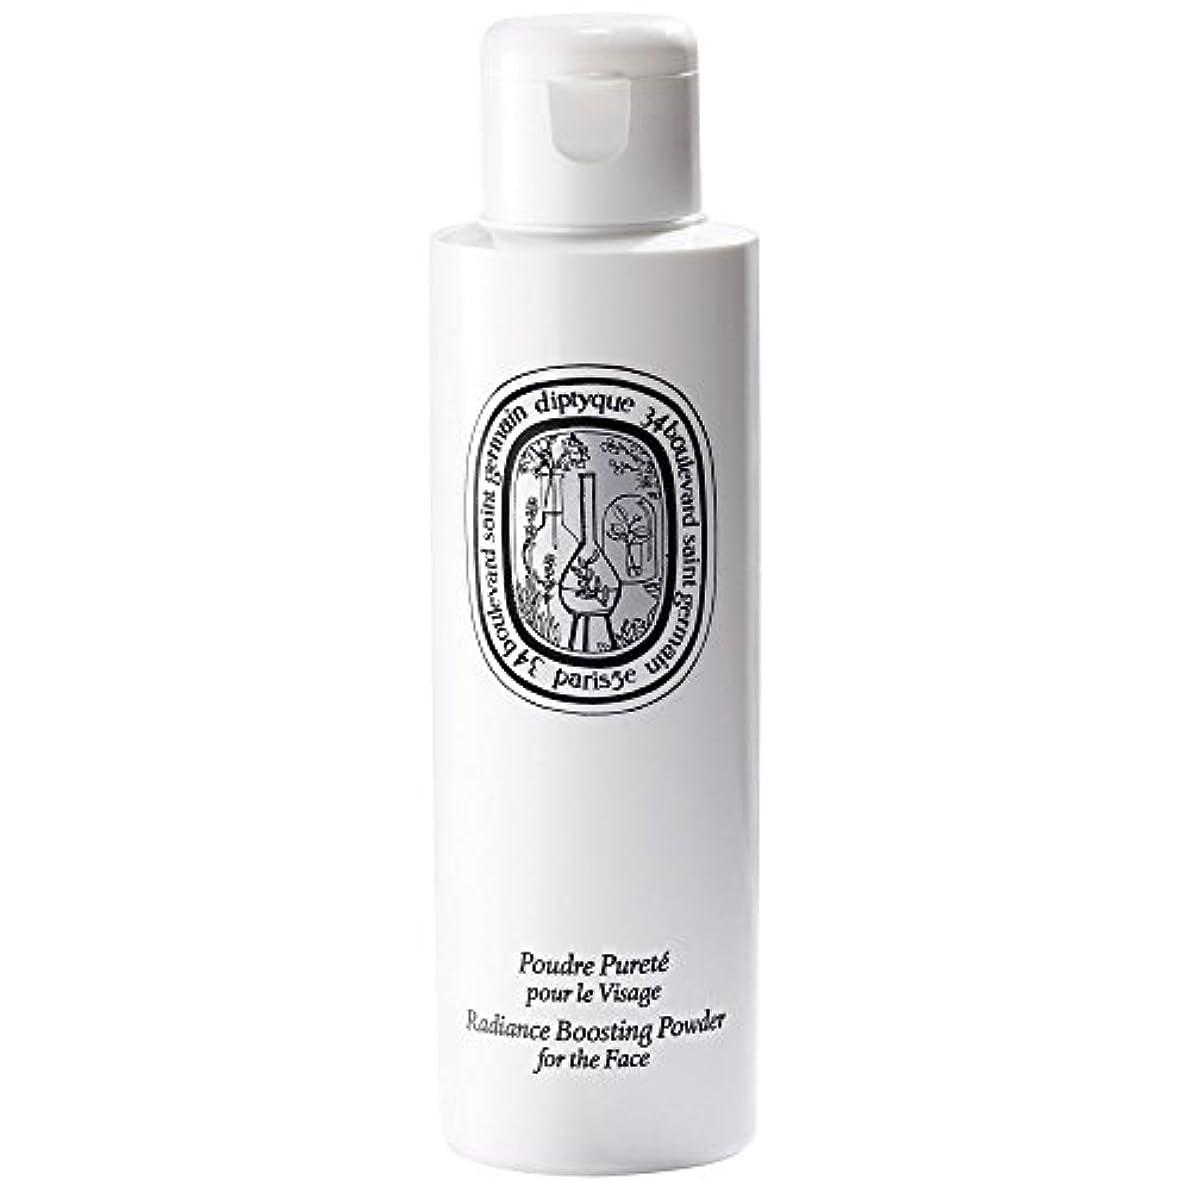 カップむしゃむしゃ静かに[Diptyque] 粉末を高めるDiptyqueの輝き、40グラム - Diptyque Radiance Boosting Powder, 40g [並行輸入品]